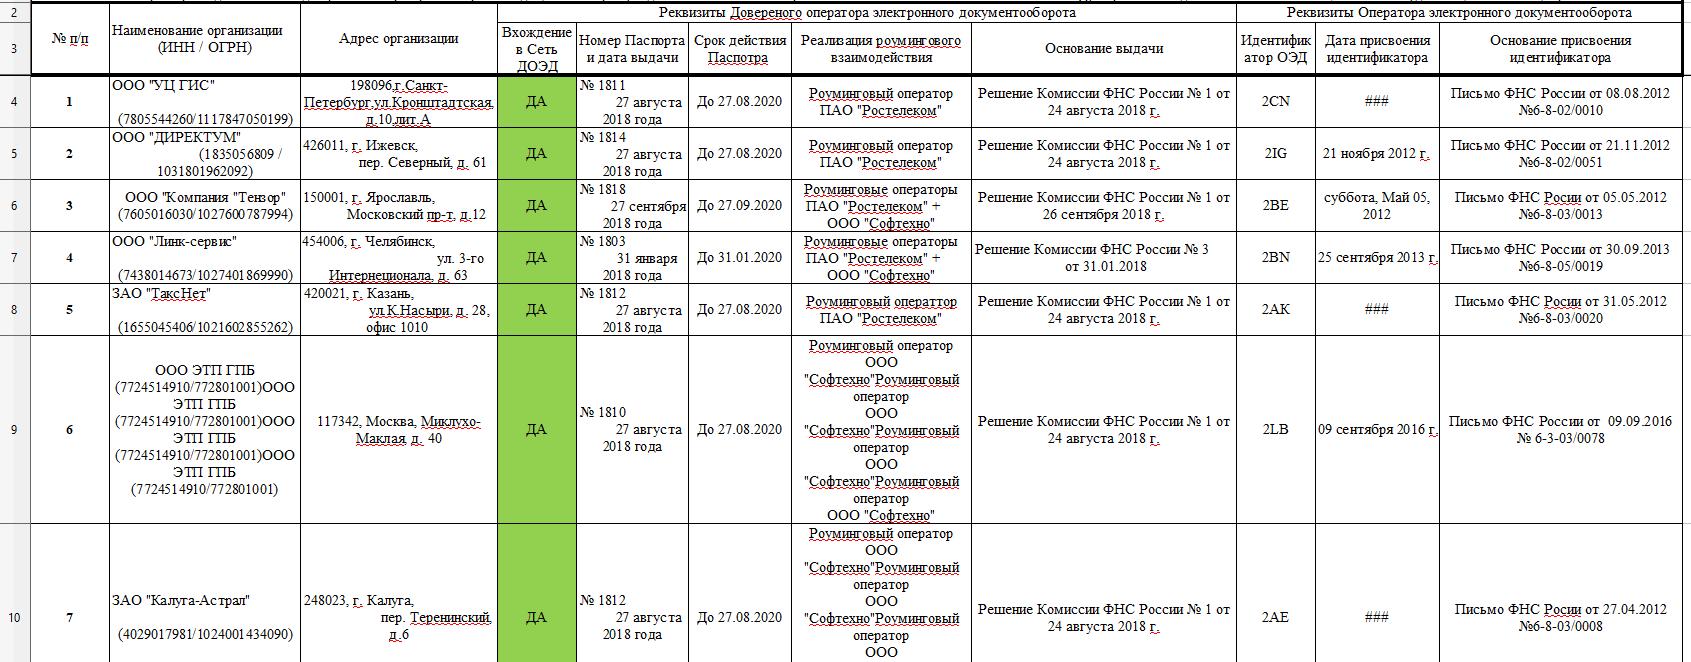 фнс операторы электронного документооборота